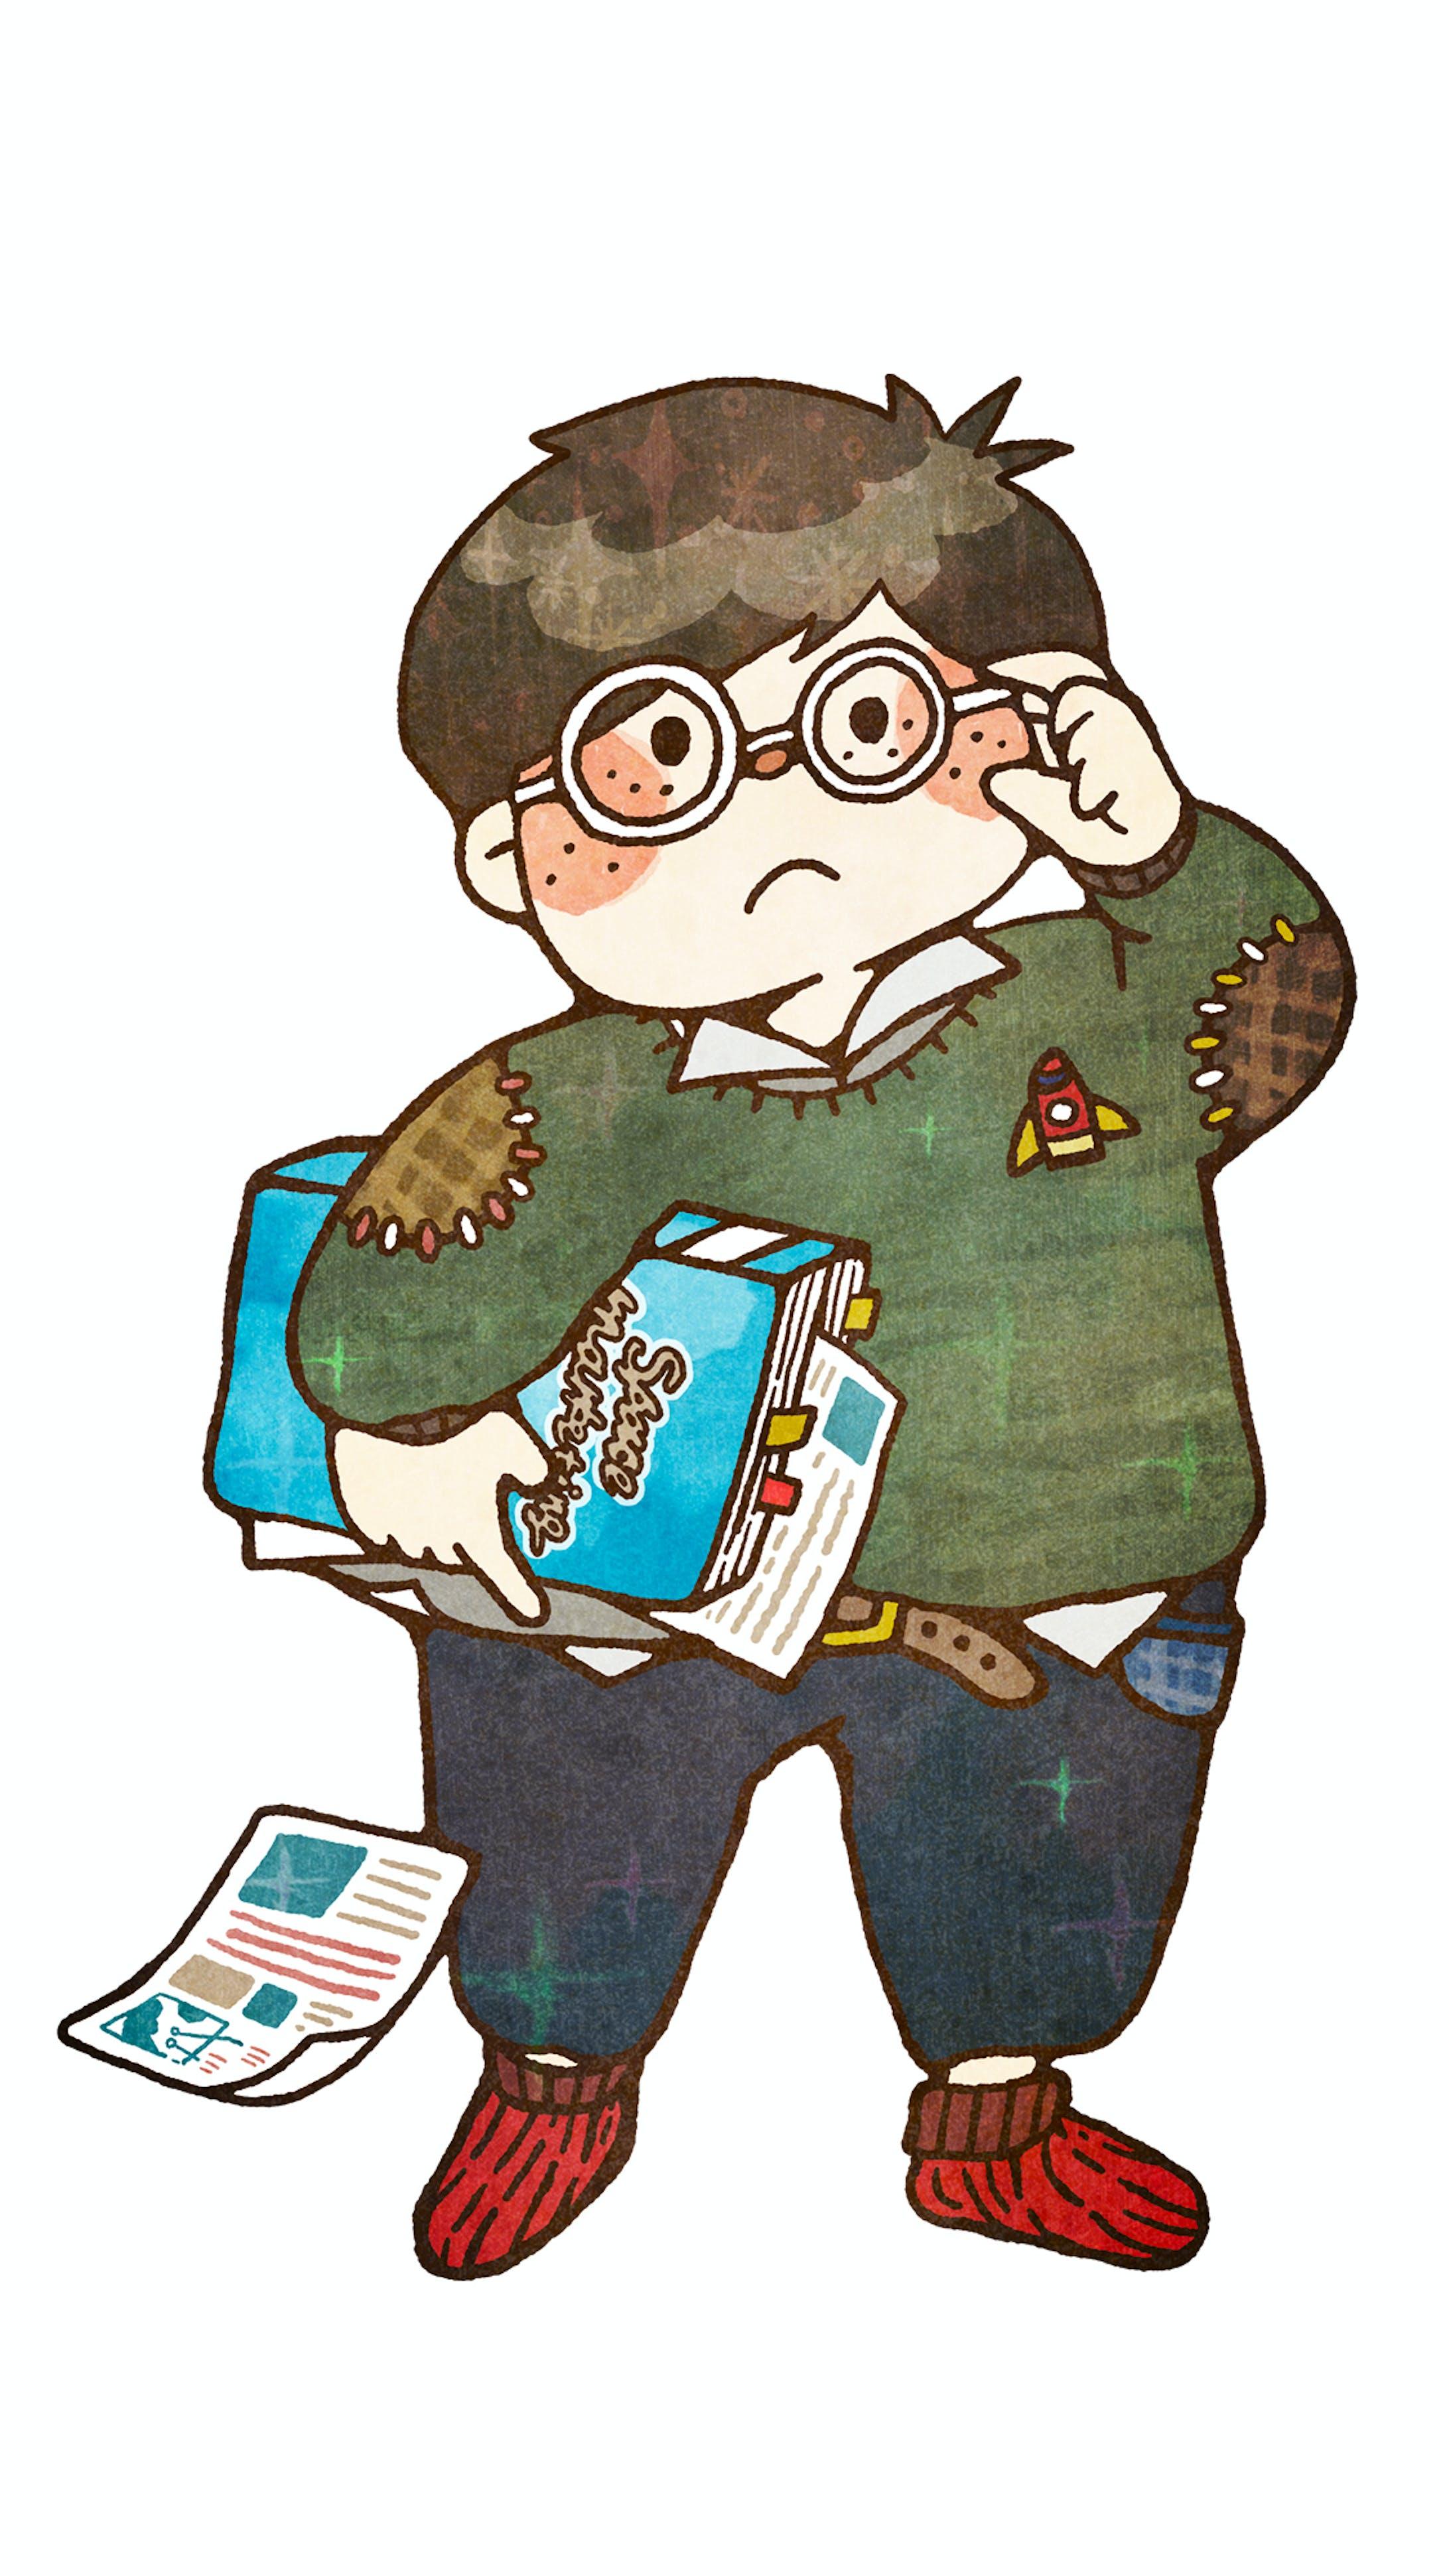 ゆめみる図書館少年-1